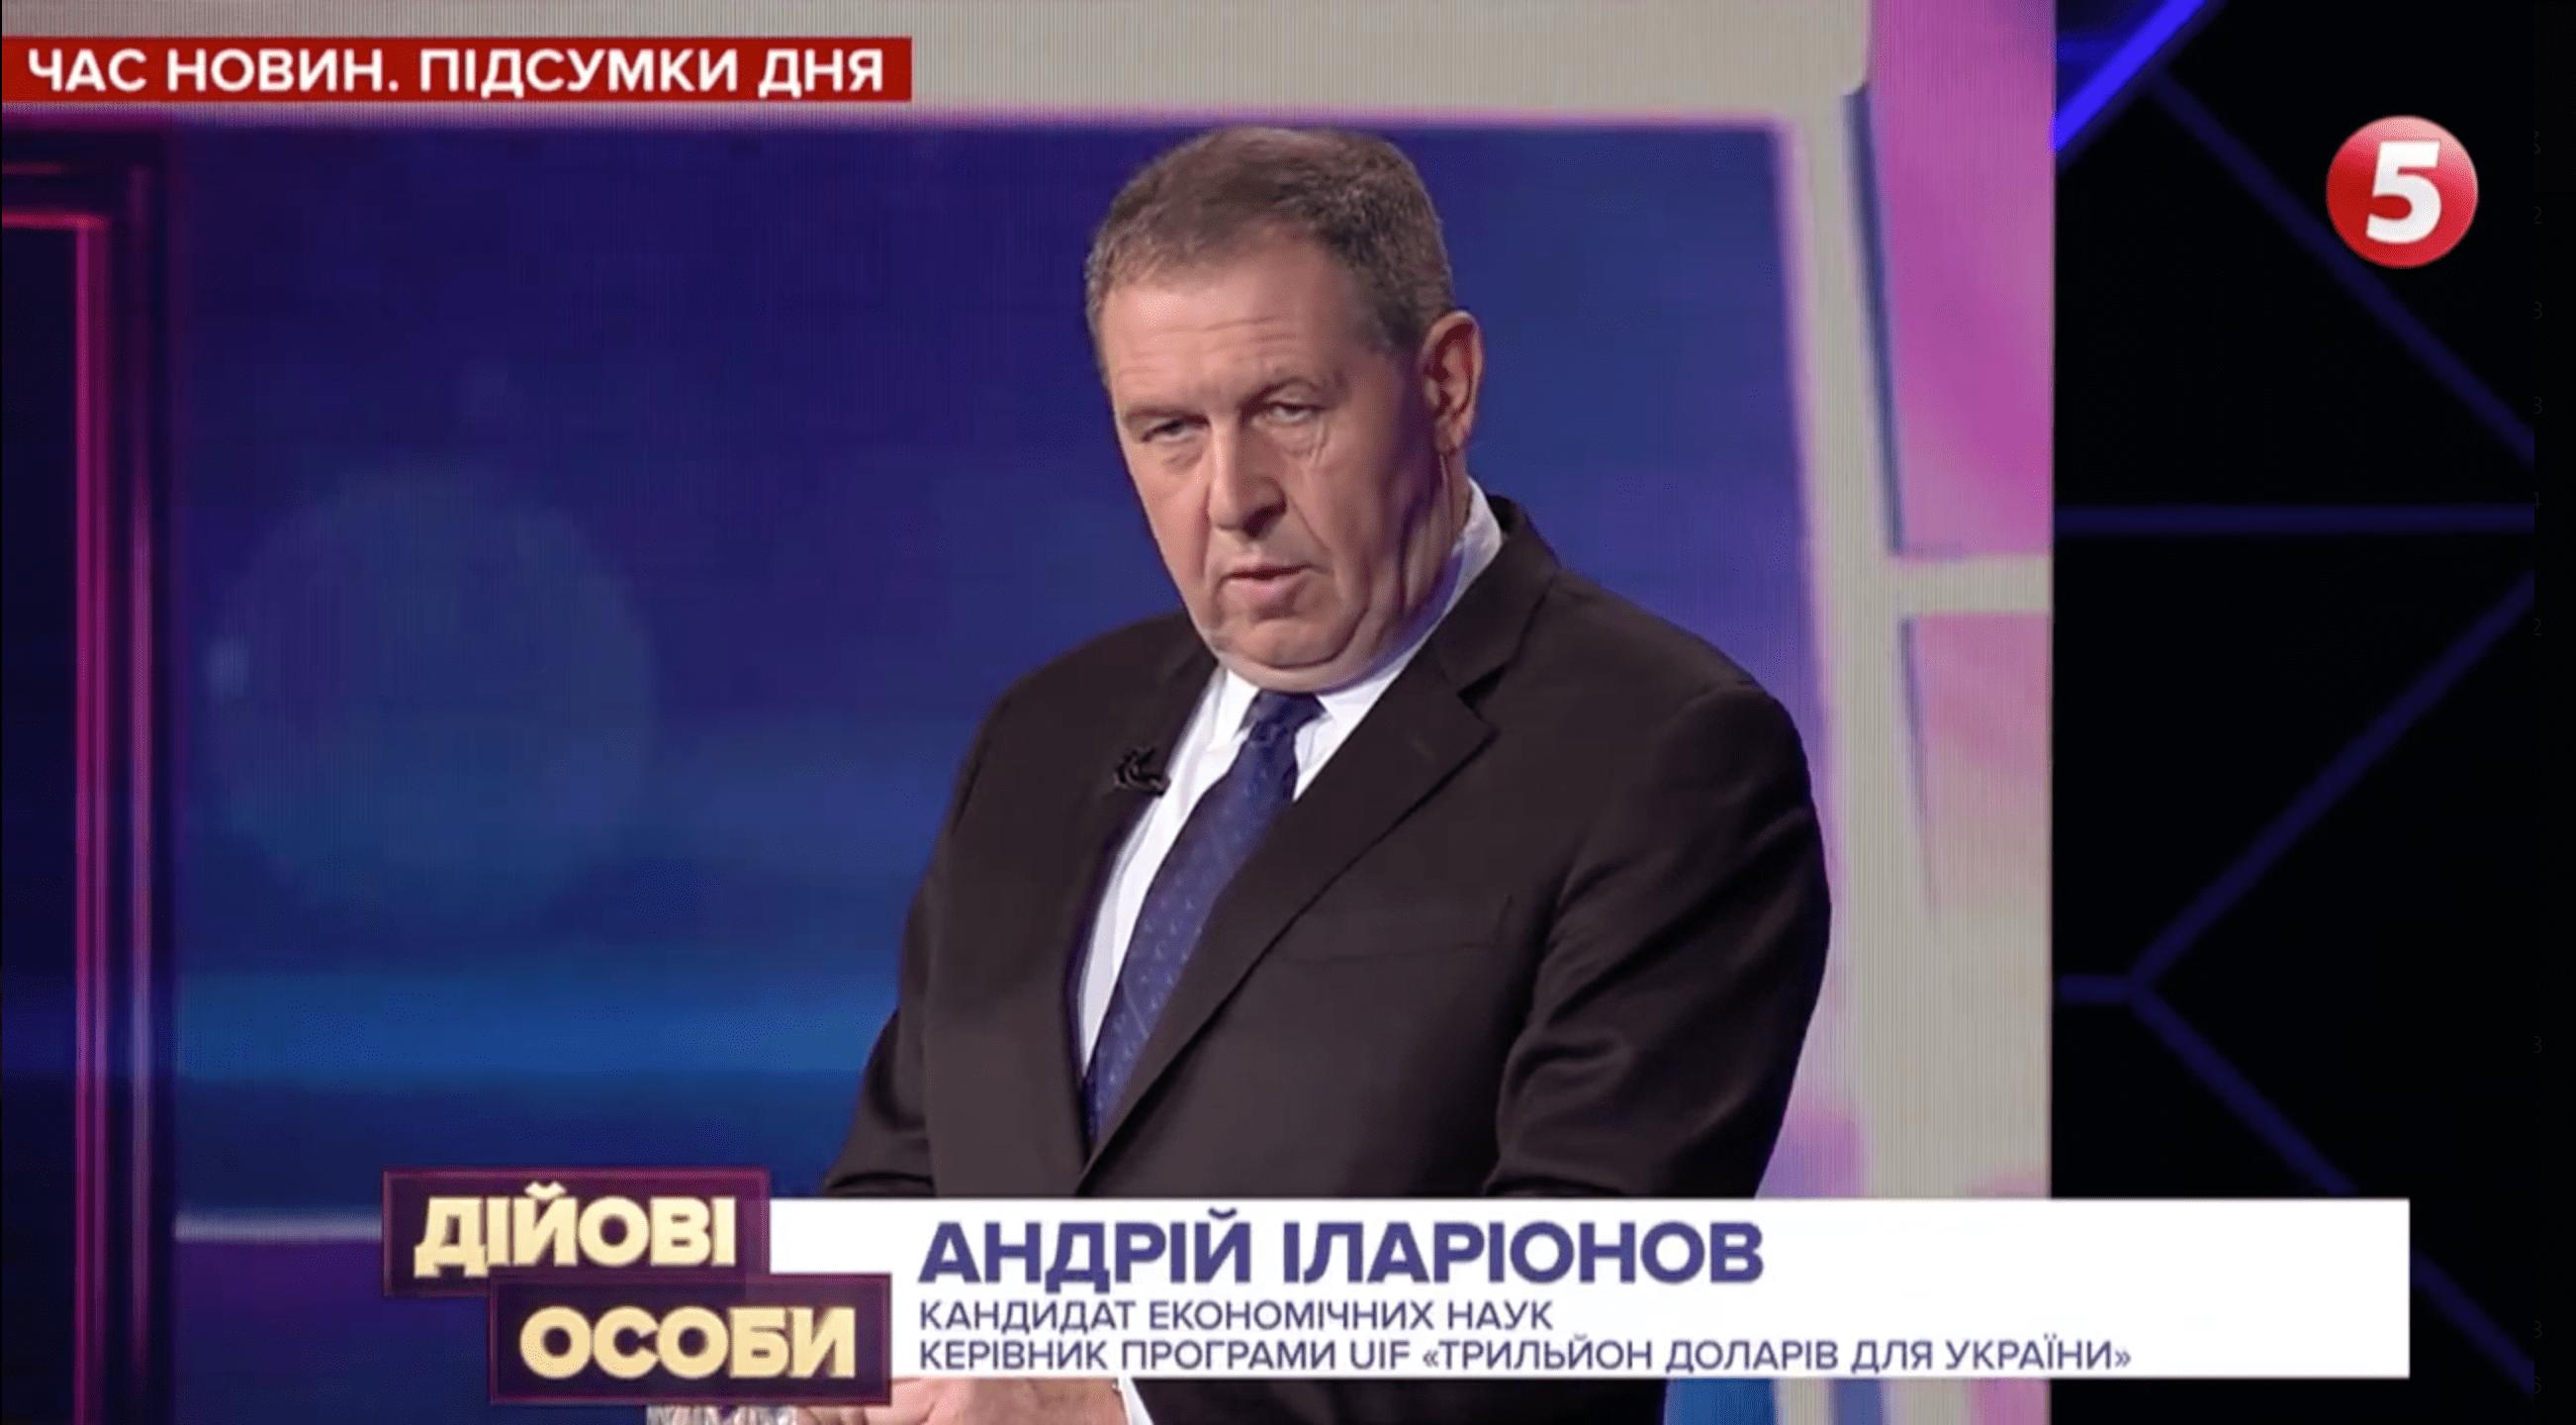 """Андрій Ілларіонов у програмі """"Дійові особи"""" на 5 каналі"""